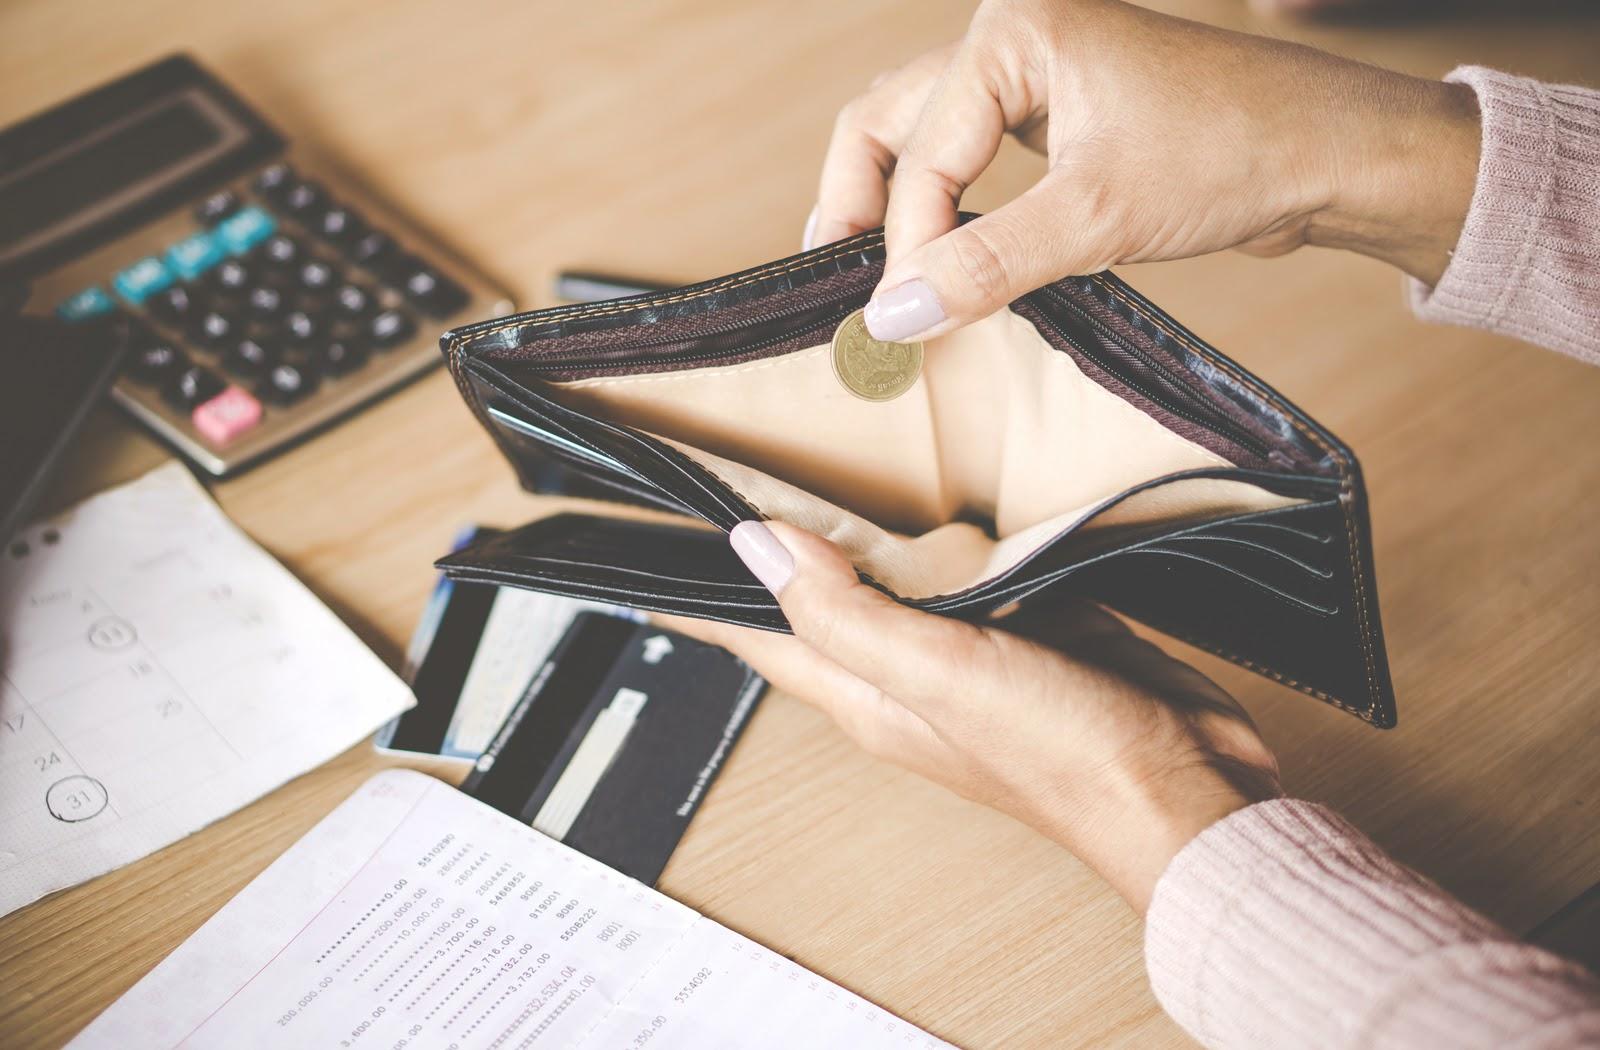 Woman looking into near-empty wallet, realizing she needs a loan.